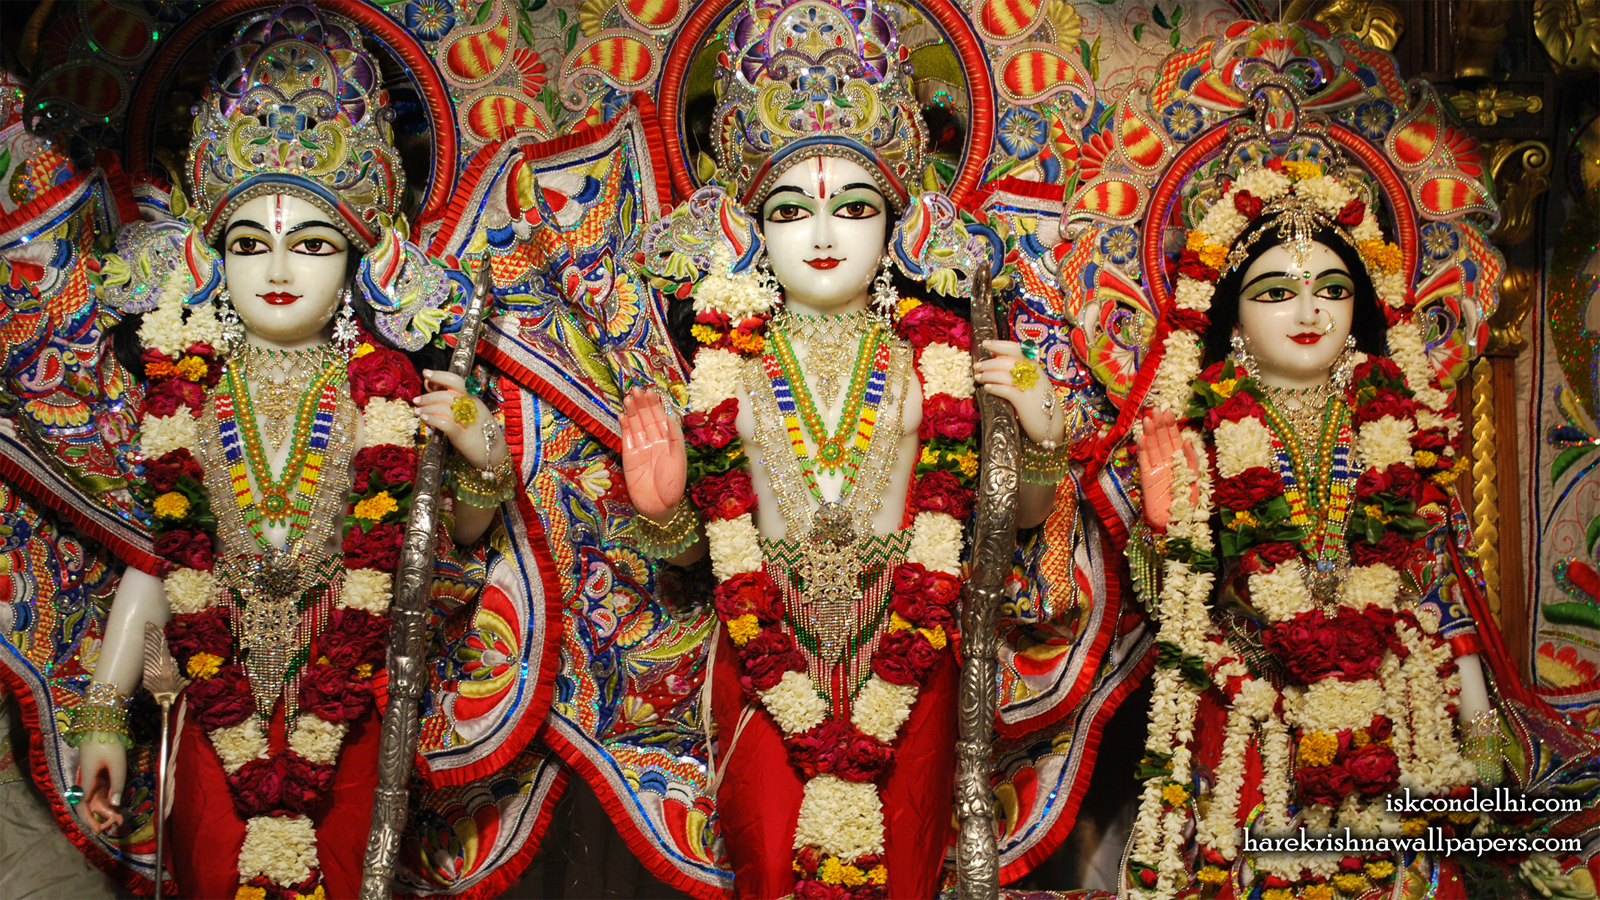 Sri Sri Sita Rama Laxman Wallpaper (008) Size 1600x900 Download